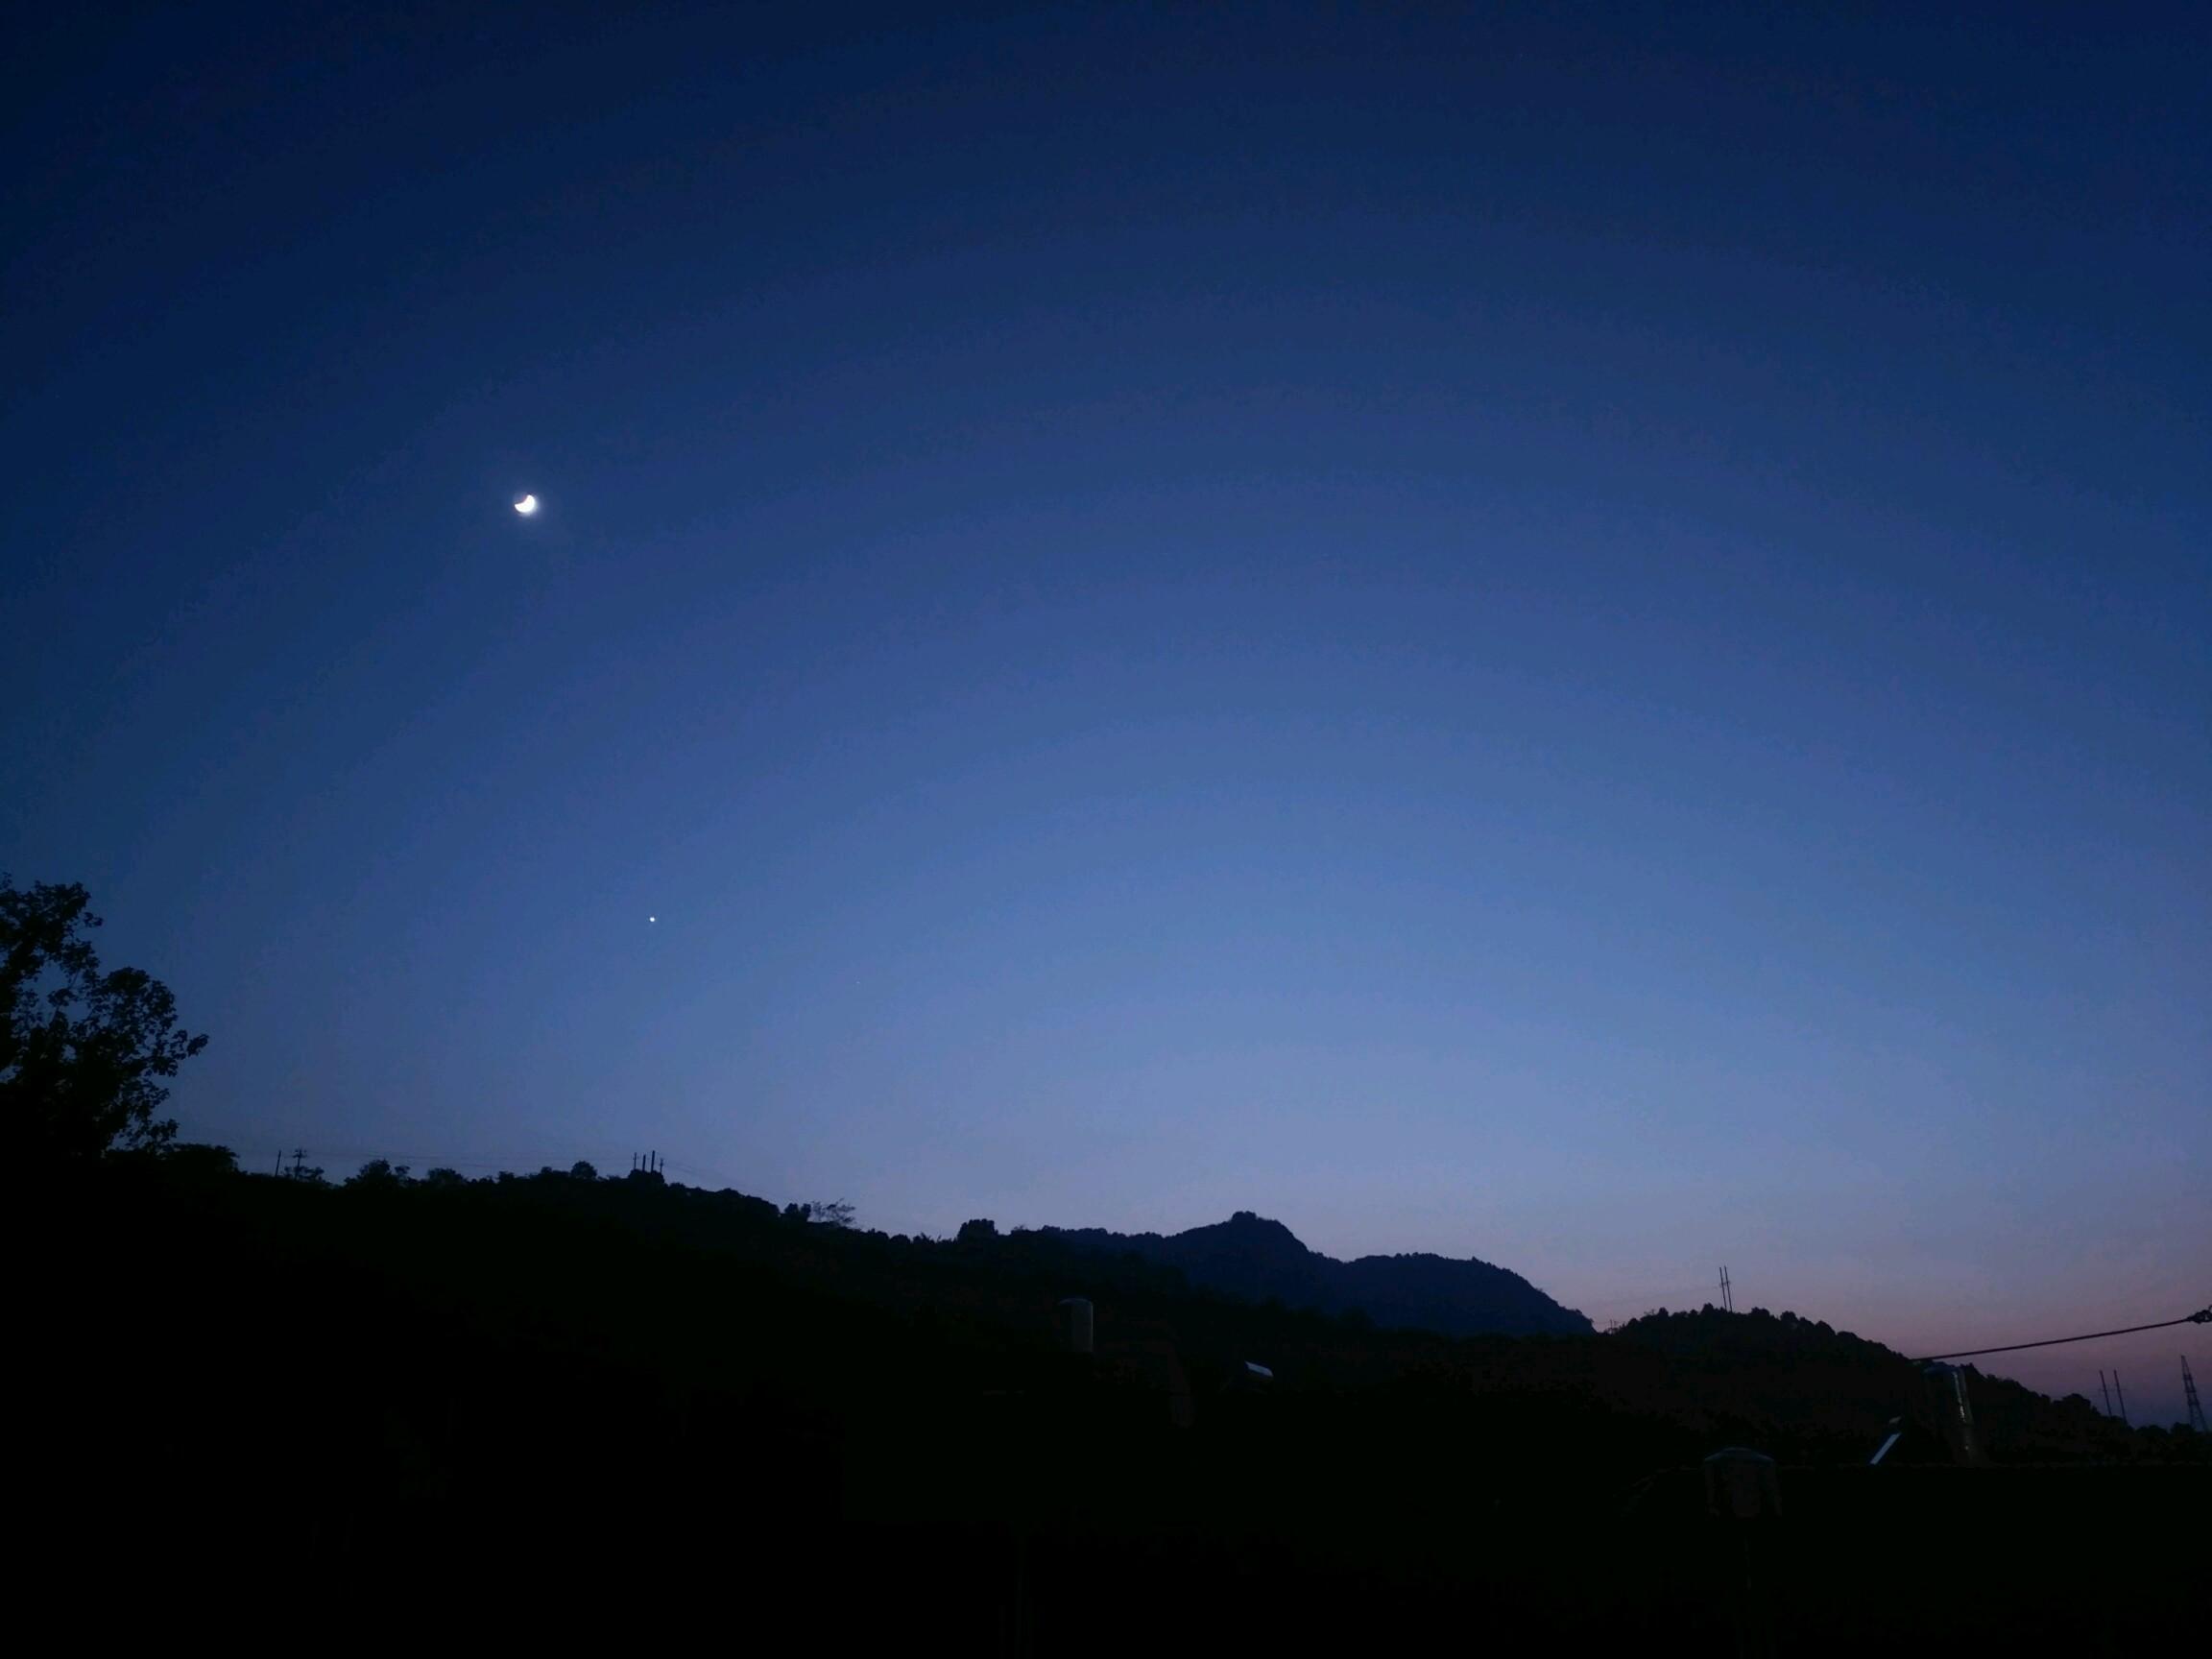 风景图片大全  夜空